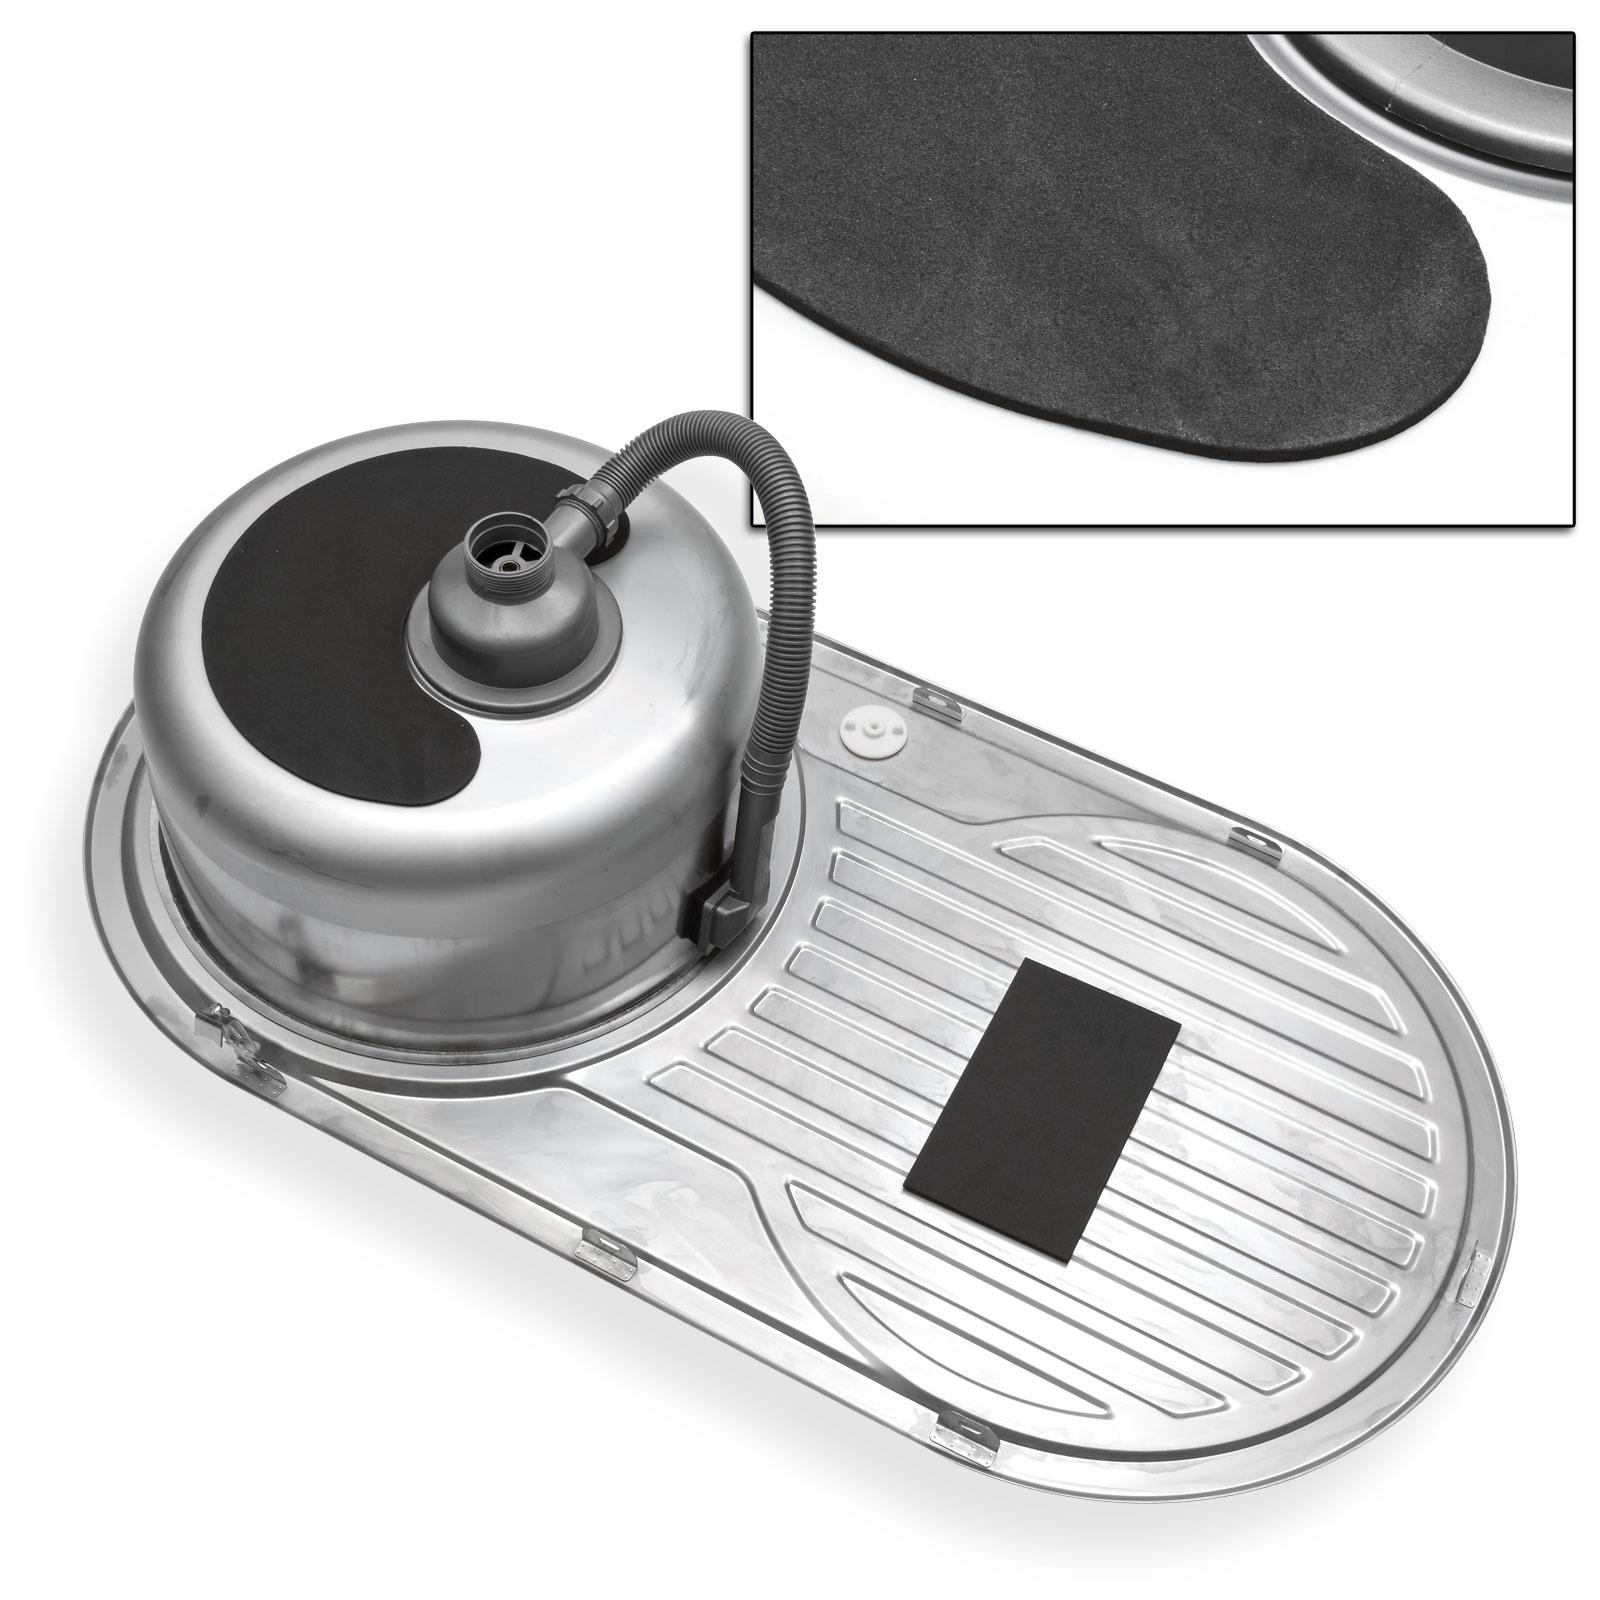 einbausp le re rund mit ablage edelstahl rundsp le waschbecken sp lbecken 14991 ebay. Black Bedroom Furniture Sets. Home Design Ideas